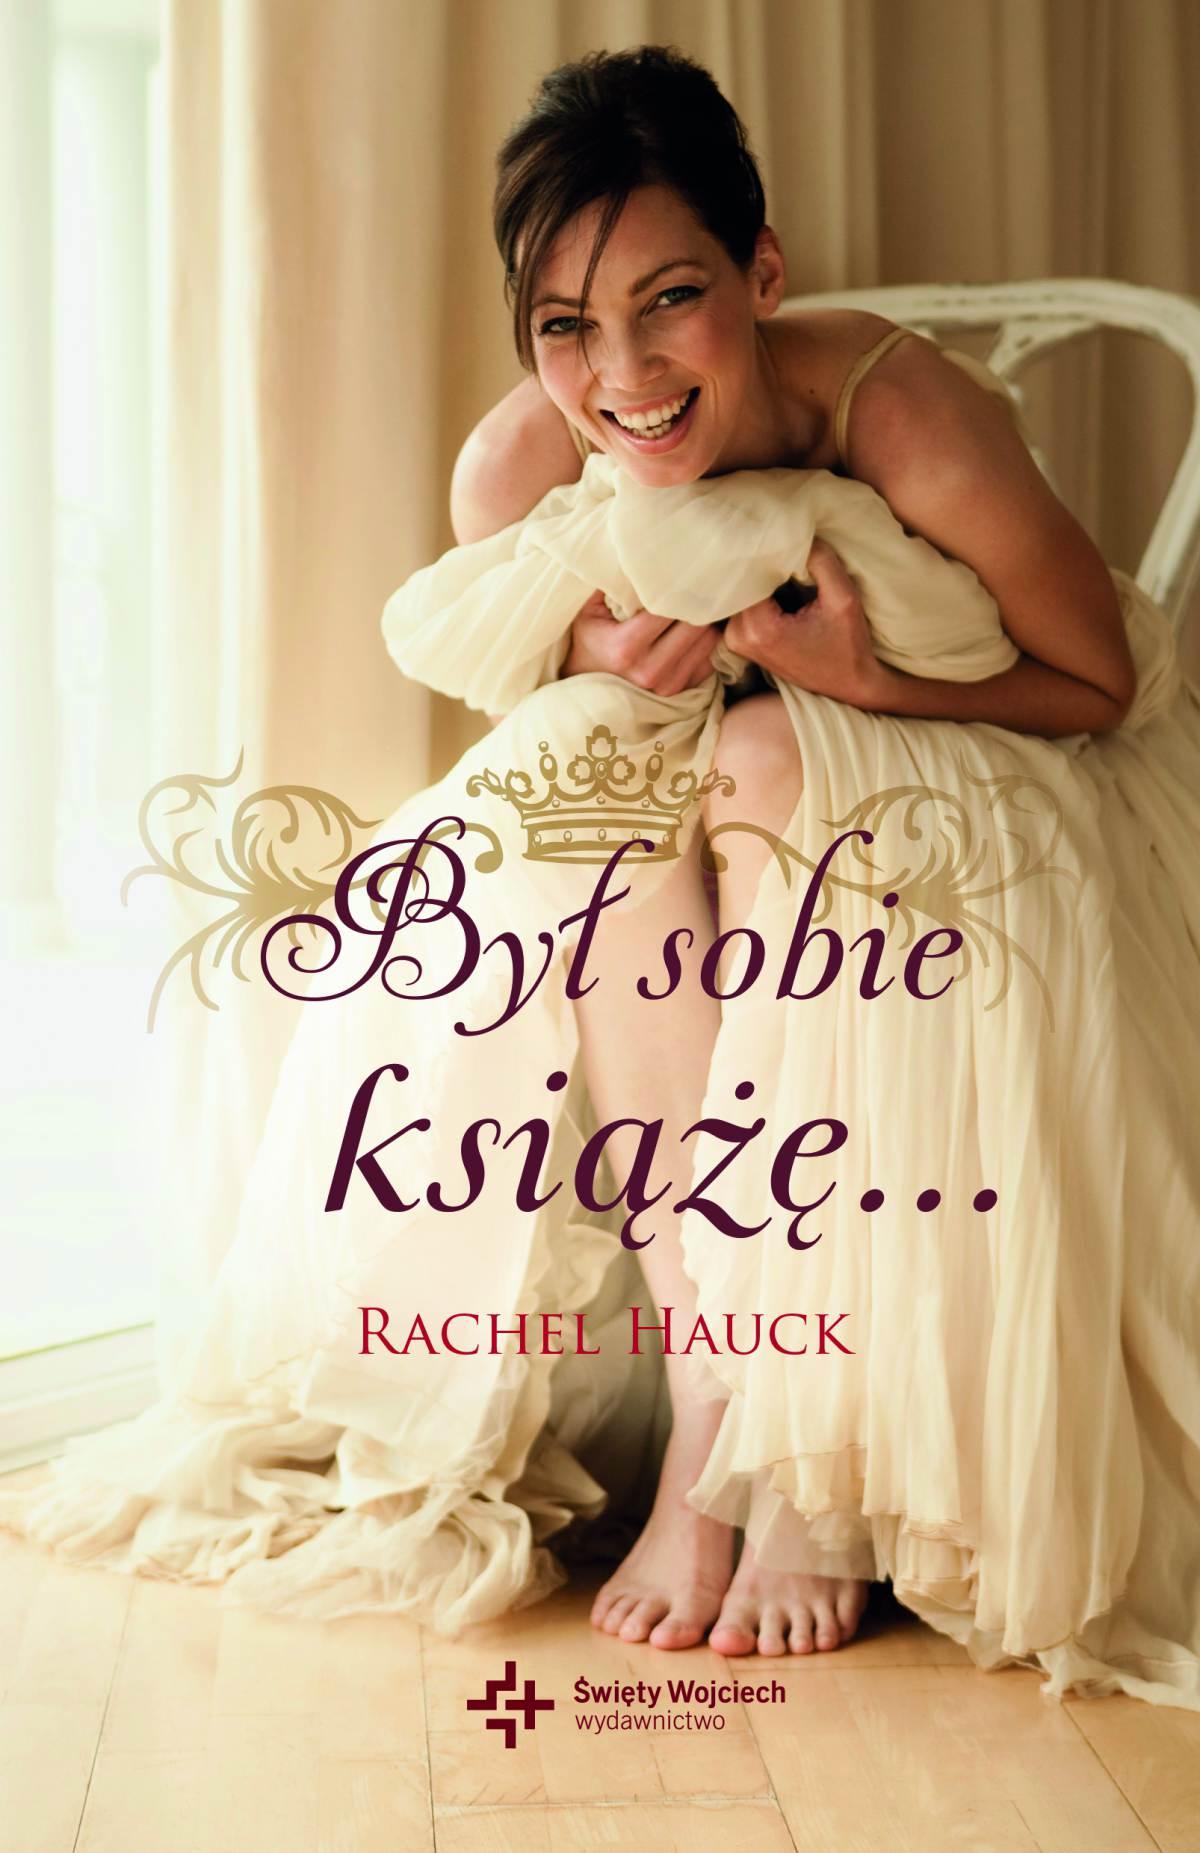 Był sobie książę... - Ebook (Książka na Kindle) do pobrania w formacie MOBI